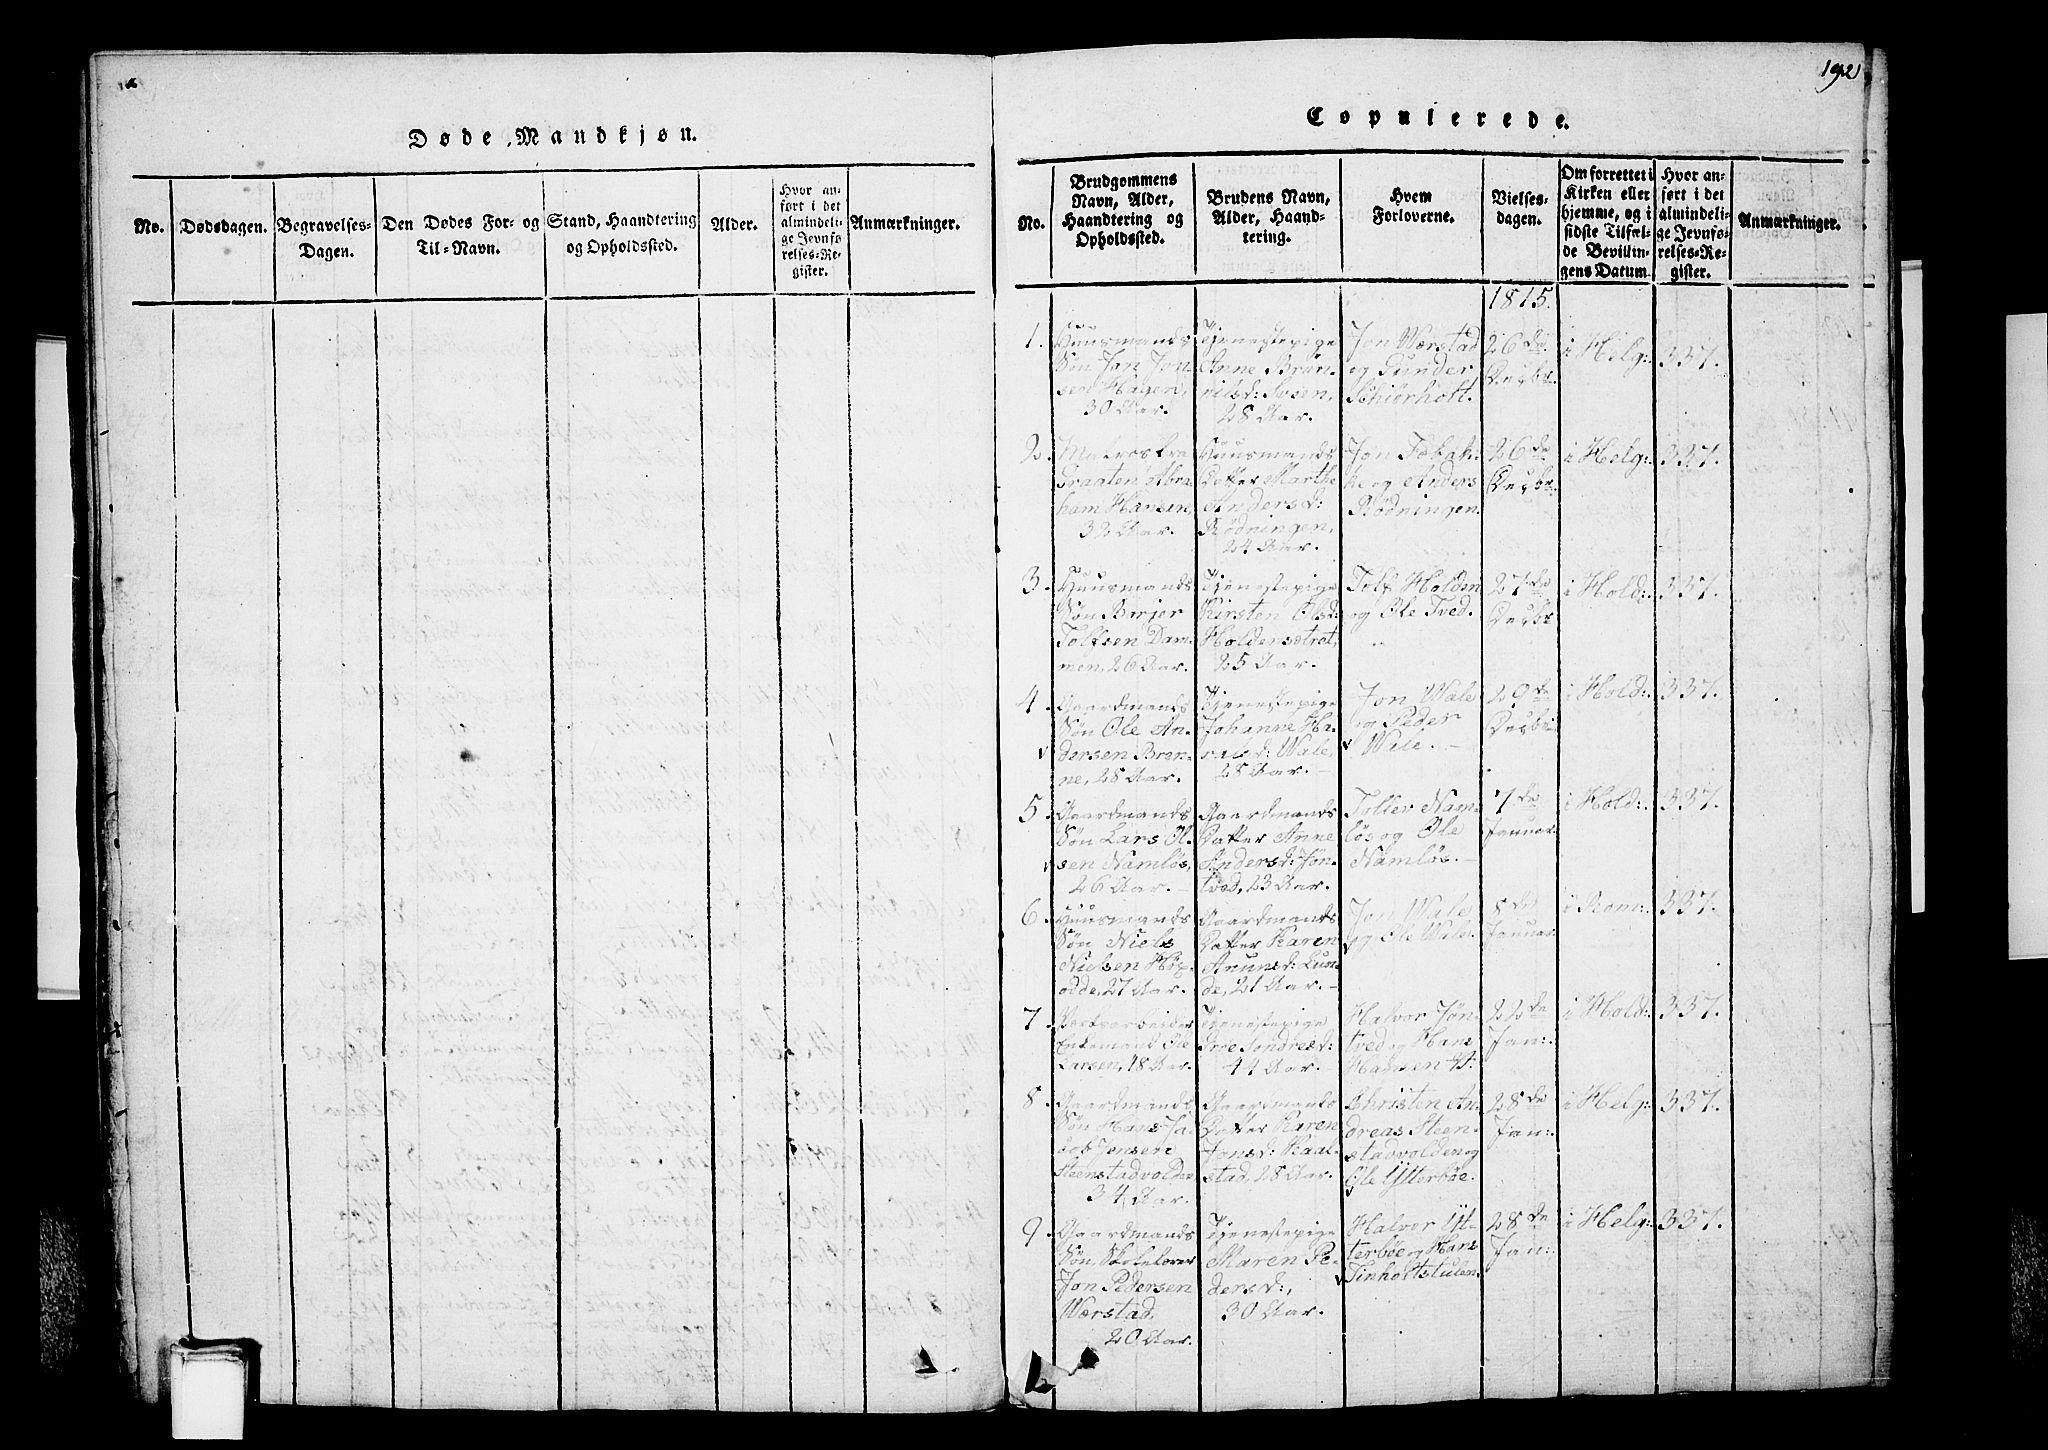 SAKO, Holla kirkebøker, G/Ga/L0001: Klokkerbok nr. I 1, 1814-1830, s. 192